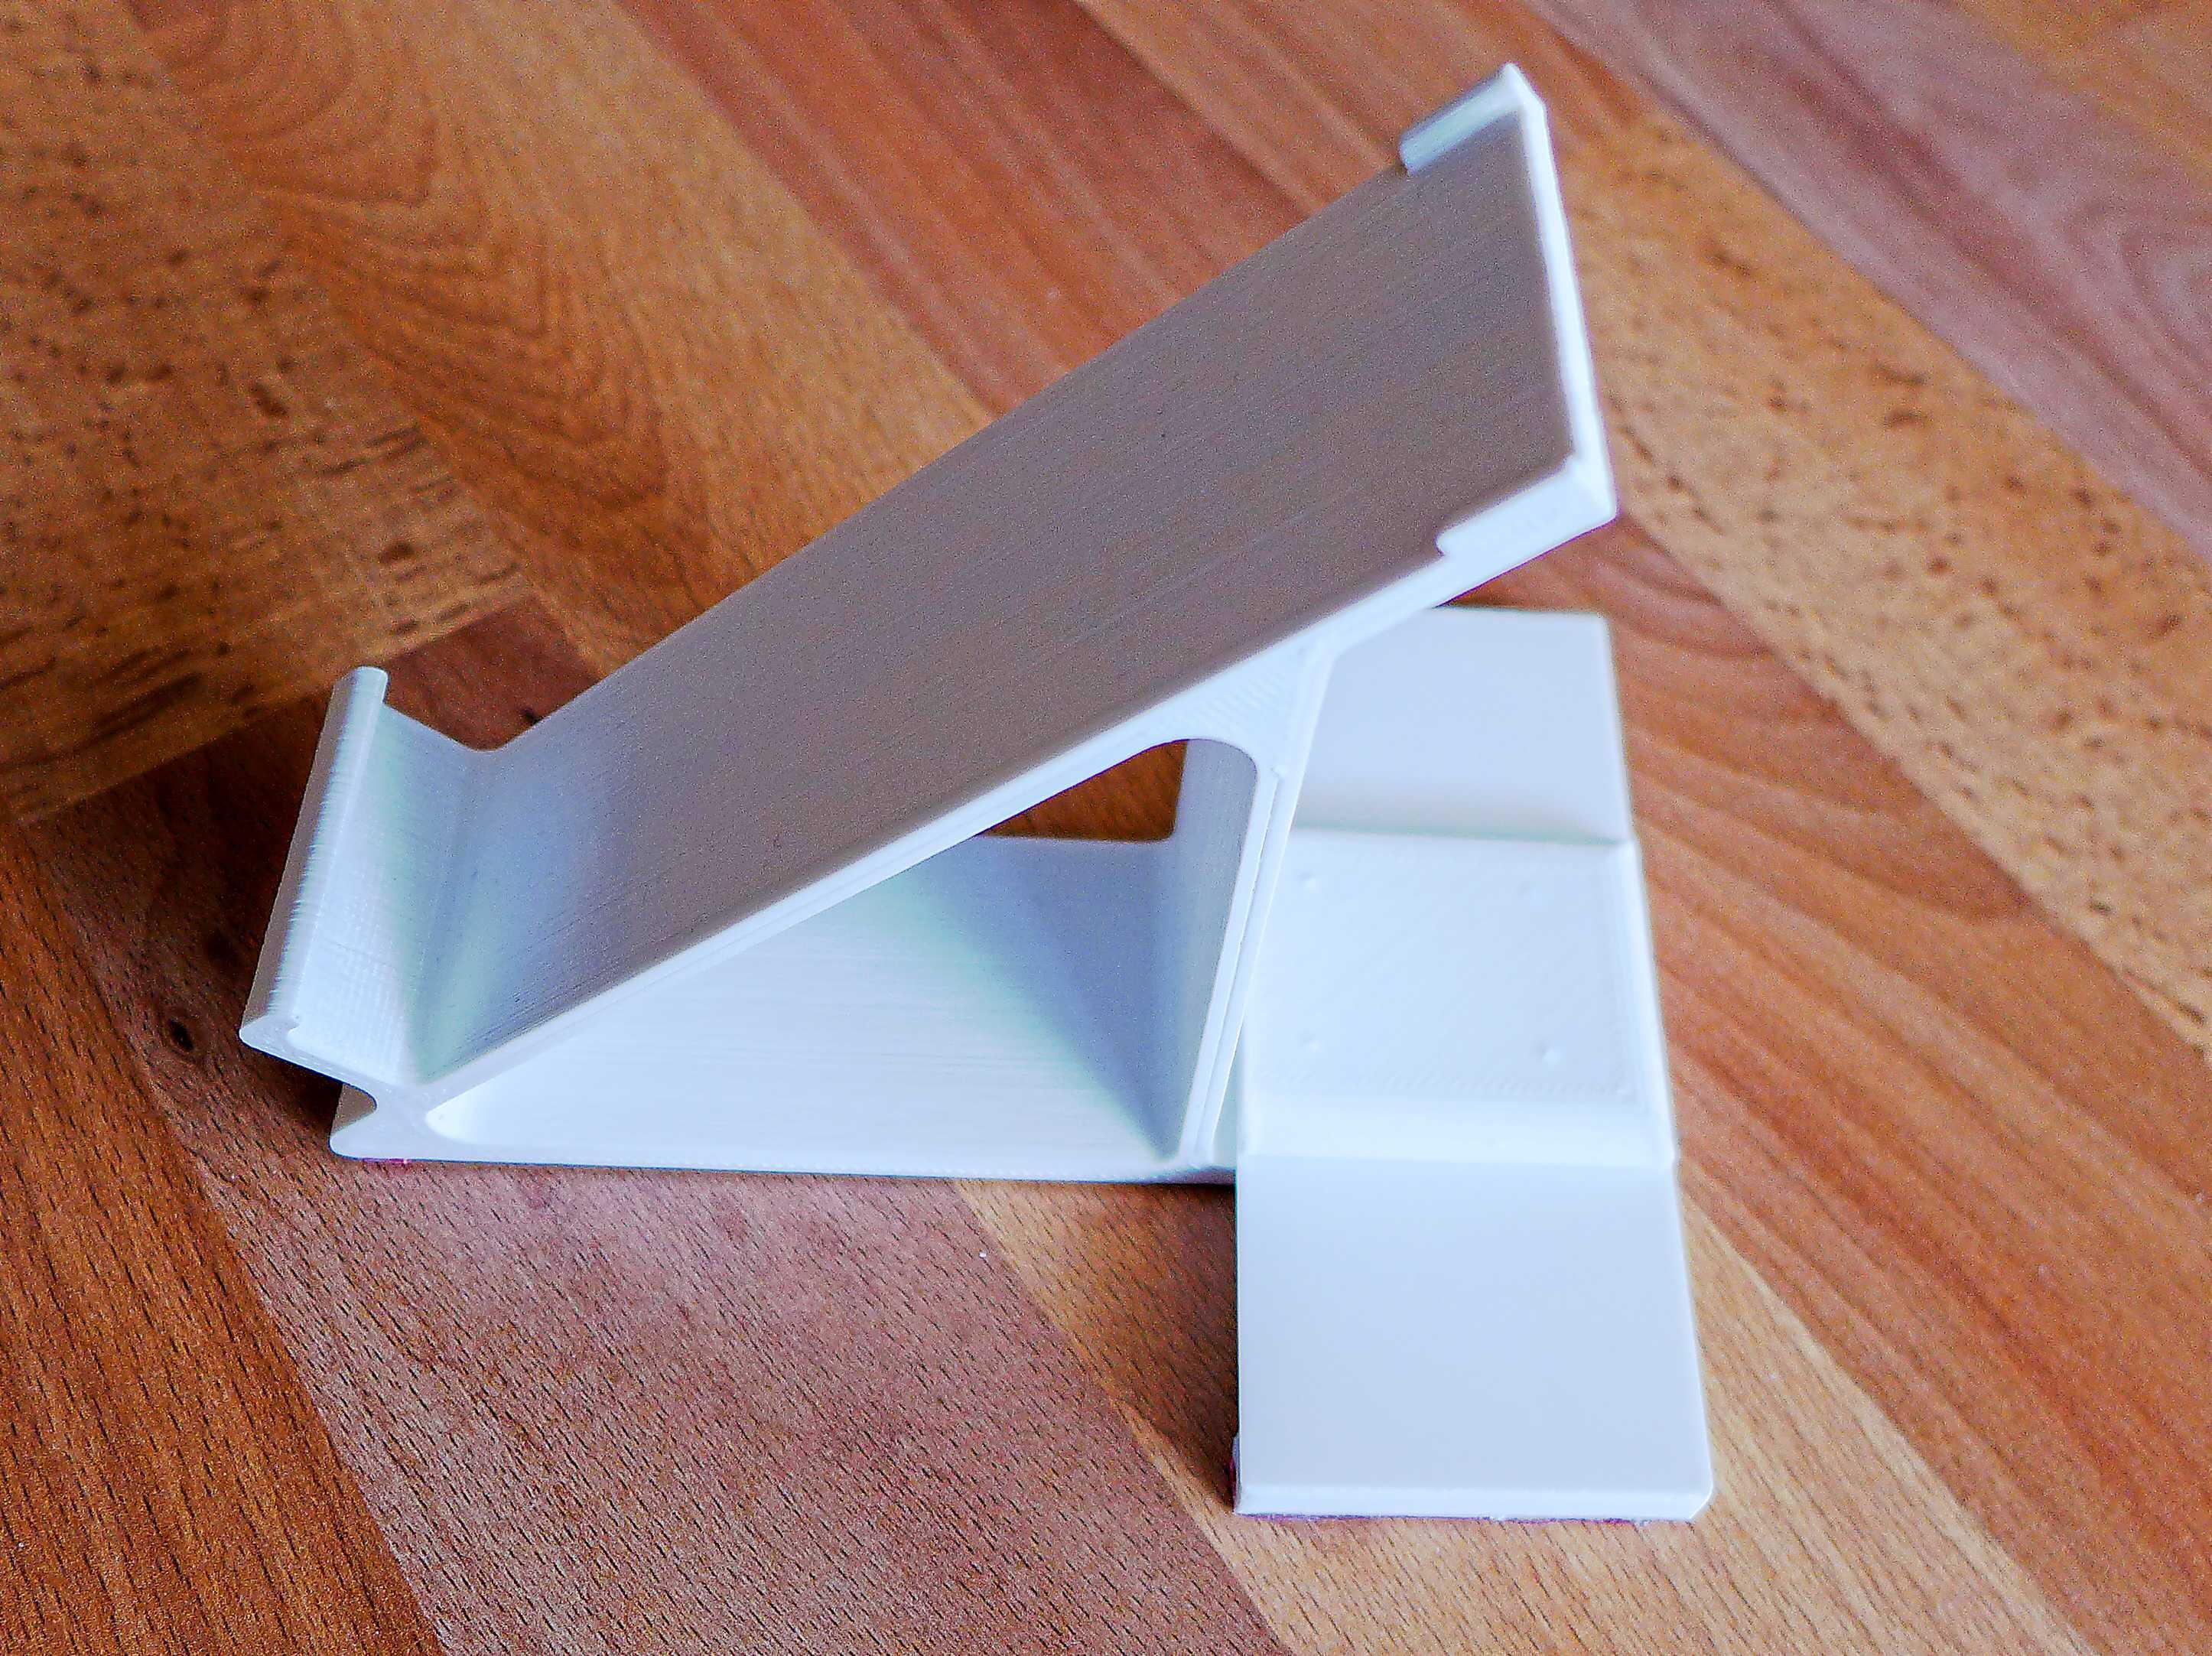 3D-gedruckte Halterung auf einem Tisch.